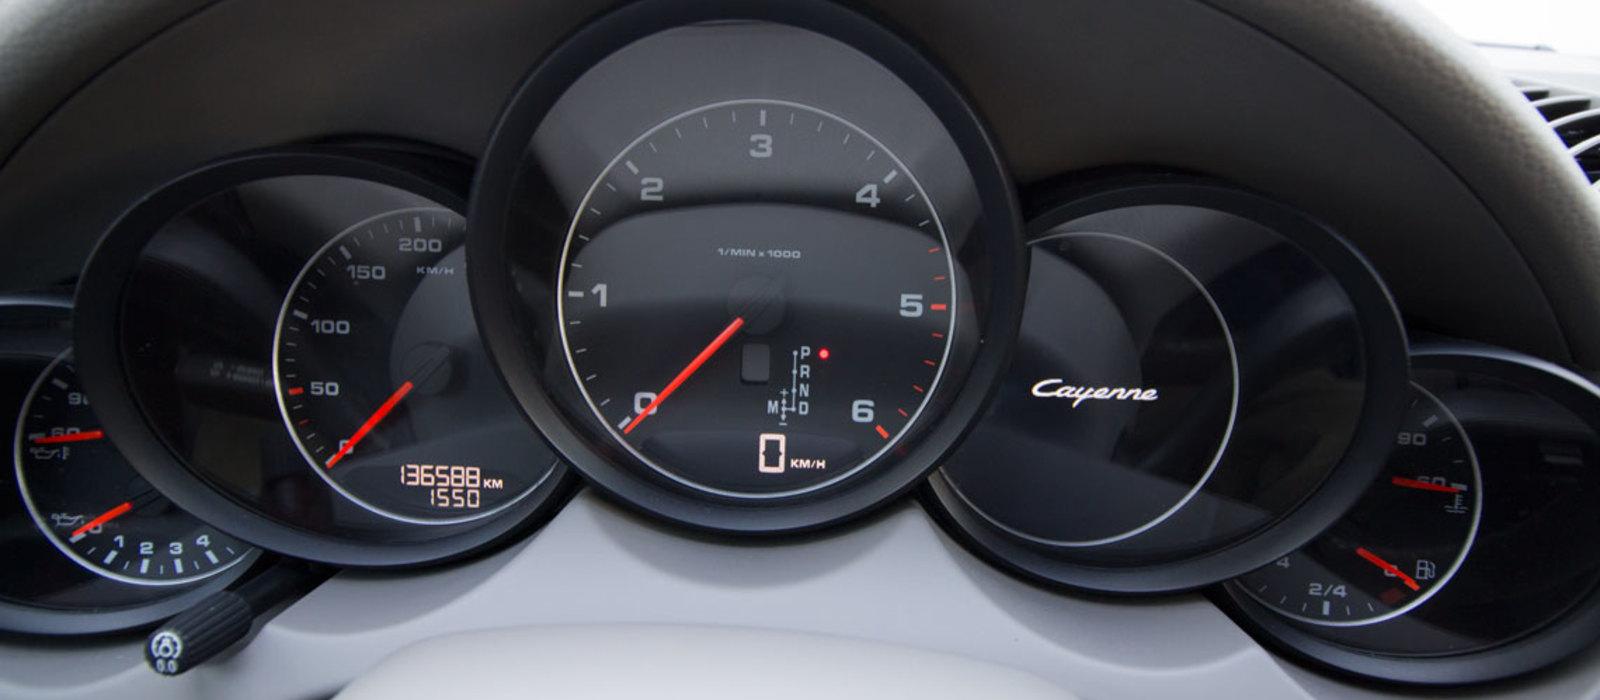 ikinci el araba 2011 Porsche Cayenne Diesel Dizel Otomatik 136588 KM 8